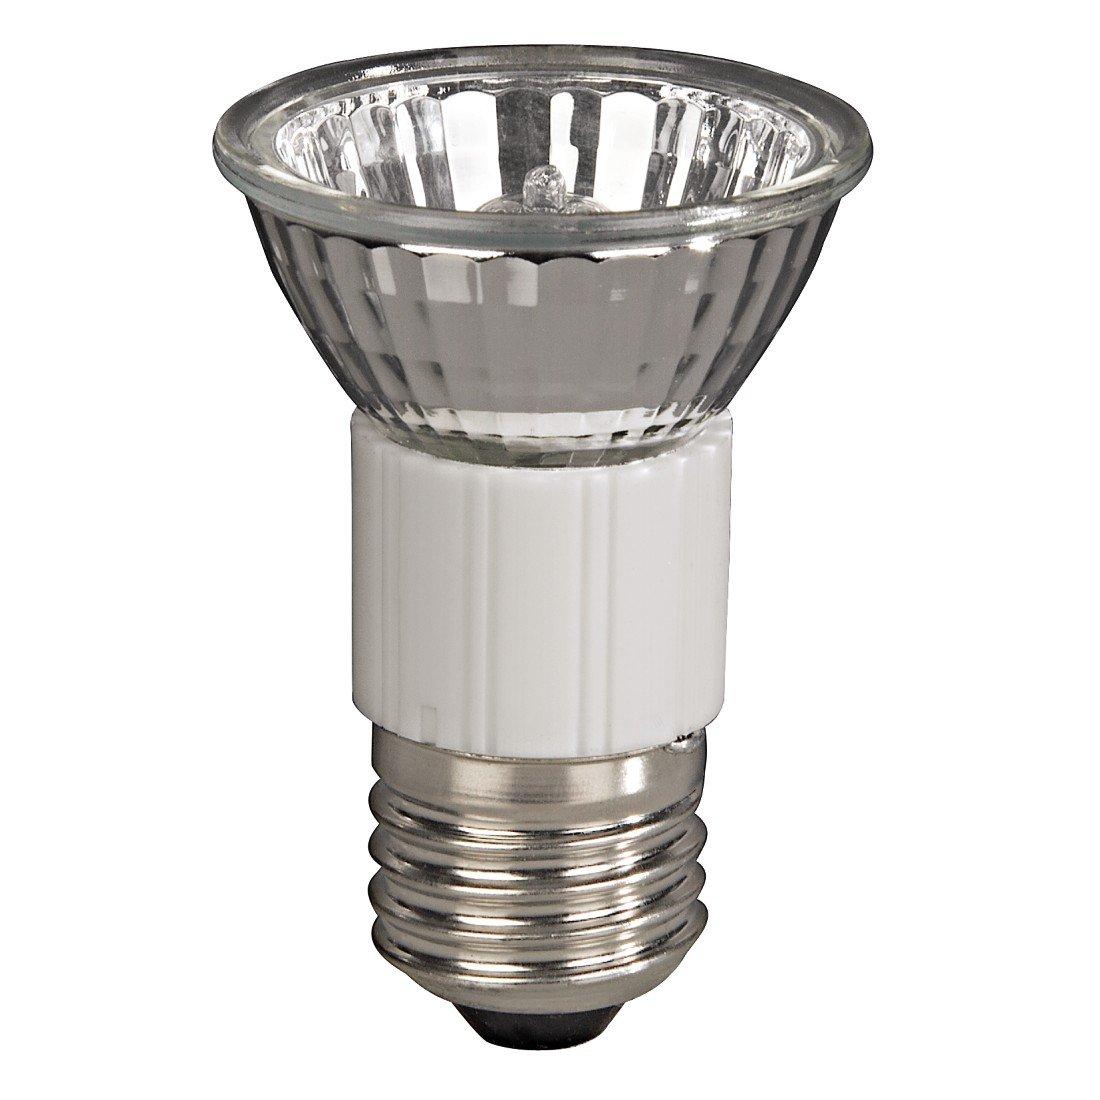 Warmwei/ß 35 Watt Dimmbar Fassung E27 Strahler JDR Reflektorform Xavax Hochvolt-Halogen-Lampe f/ür gro/ße Einbauleuchten Spots